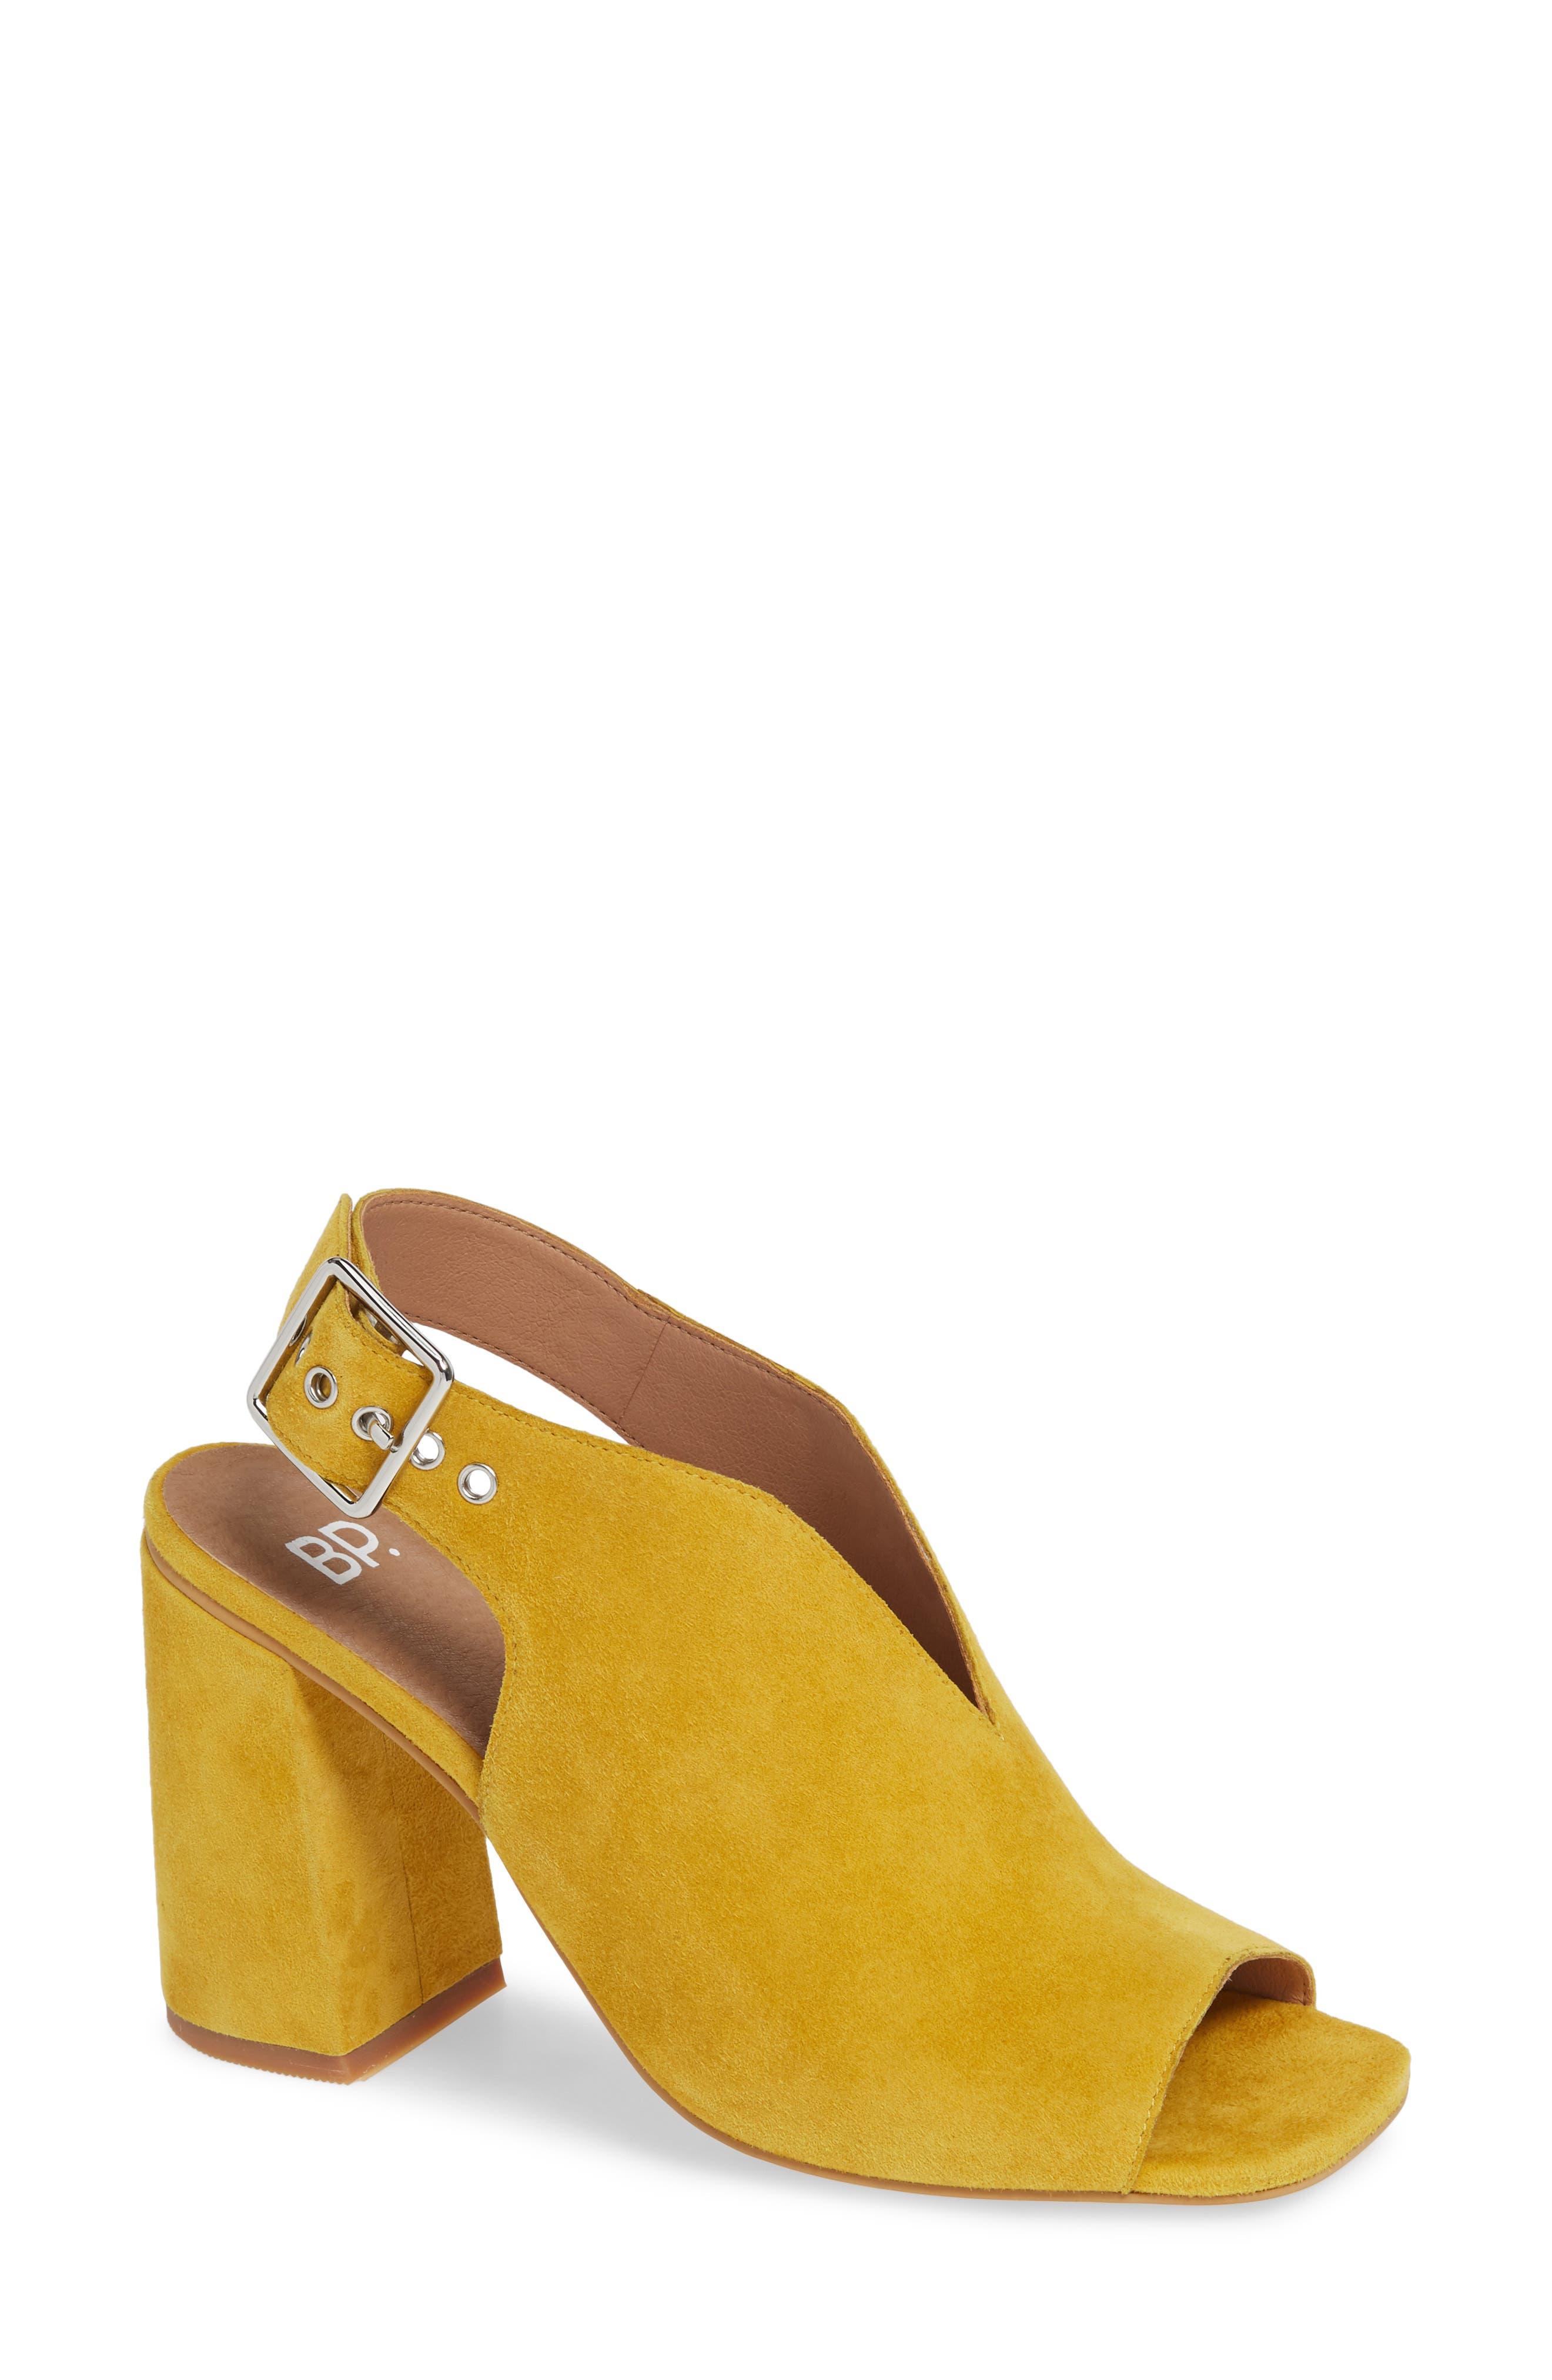 BP., Block Heel Sandal, Main thumbnail 1, color, YELLOW SUEDE